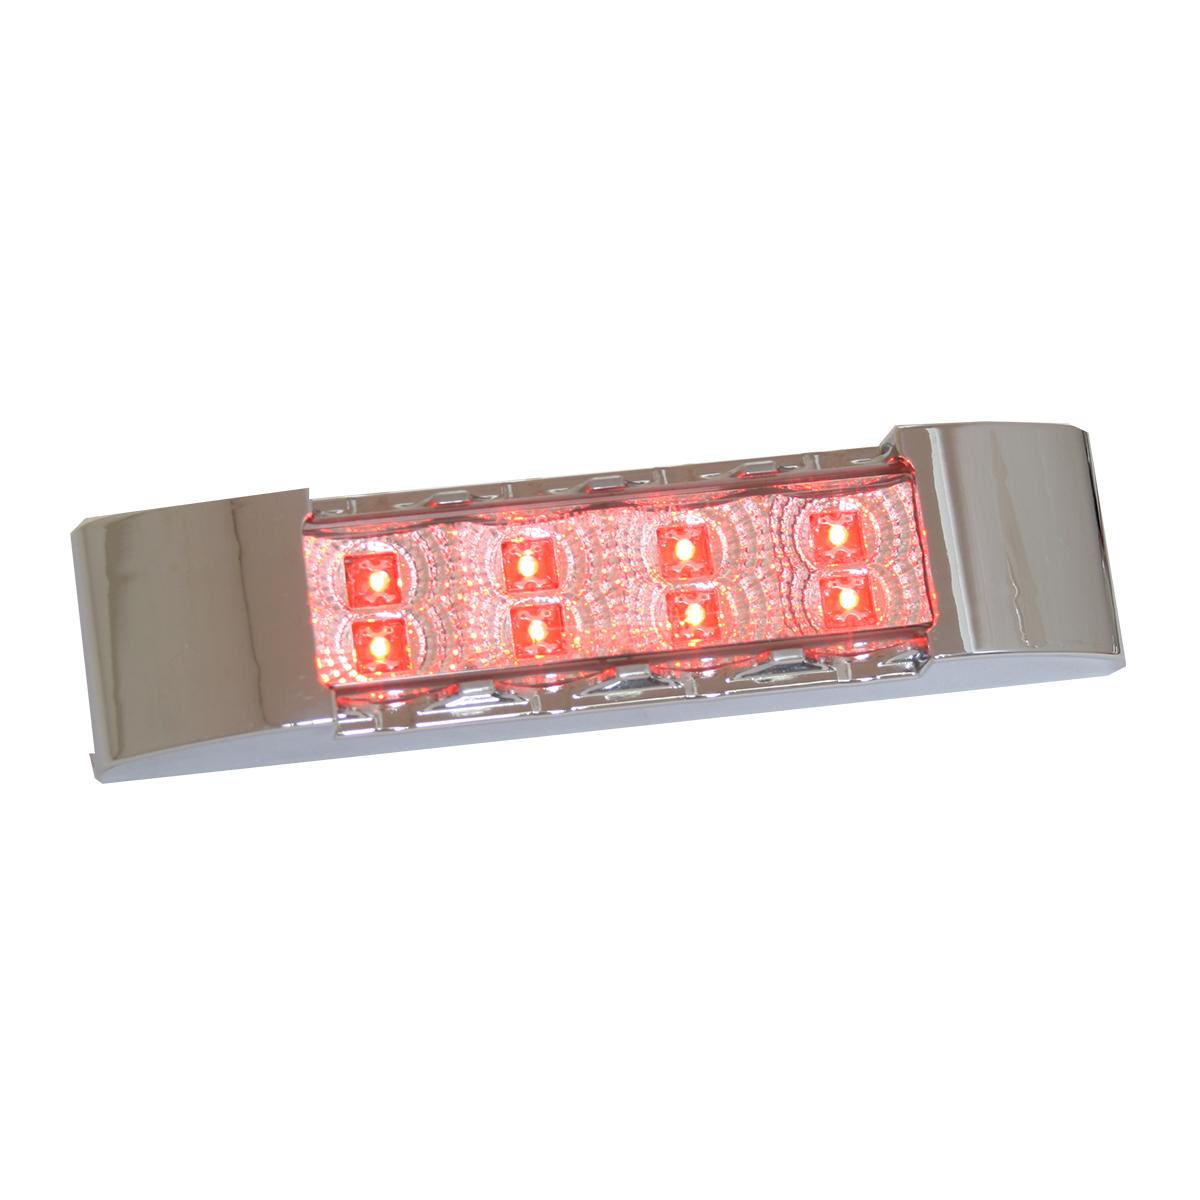 76173 Slim Rectangular Spyder LED Light in Red/Clear with Chrome Plastic Bezel